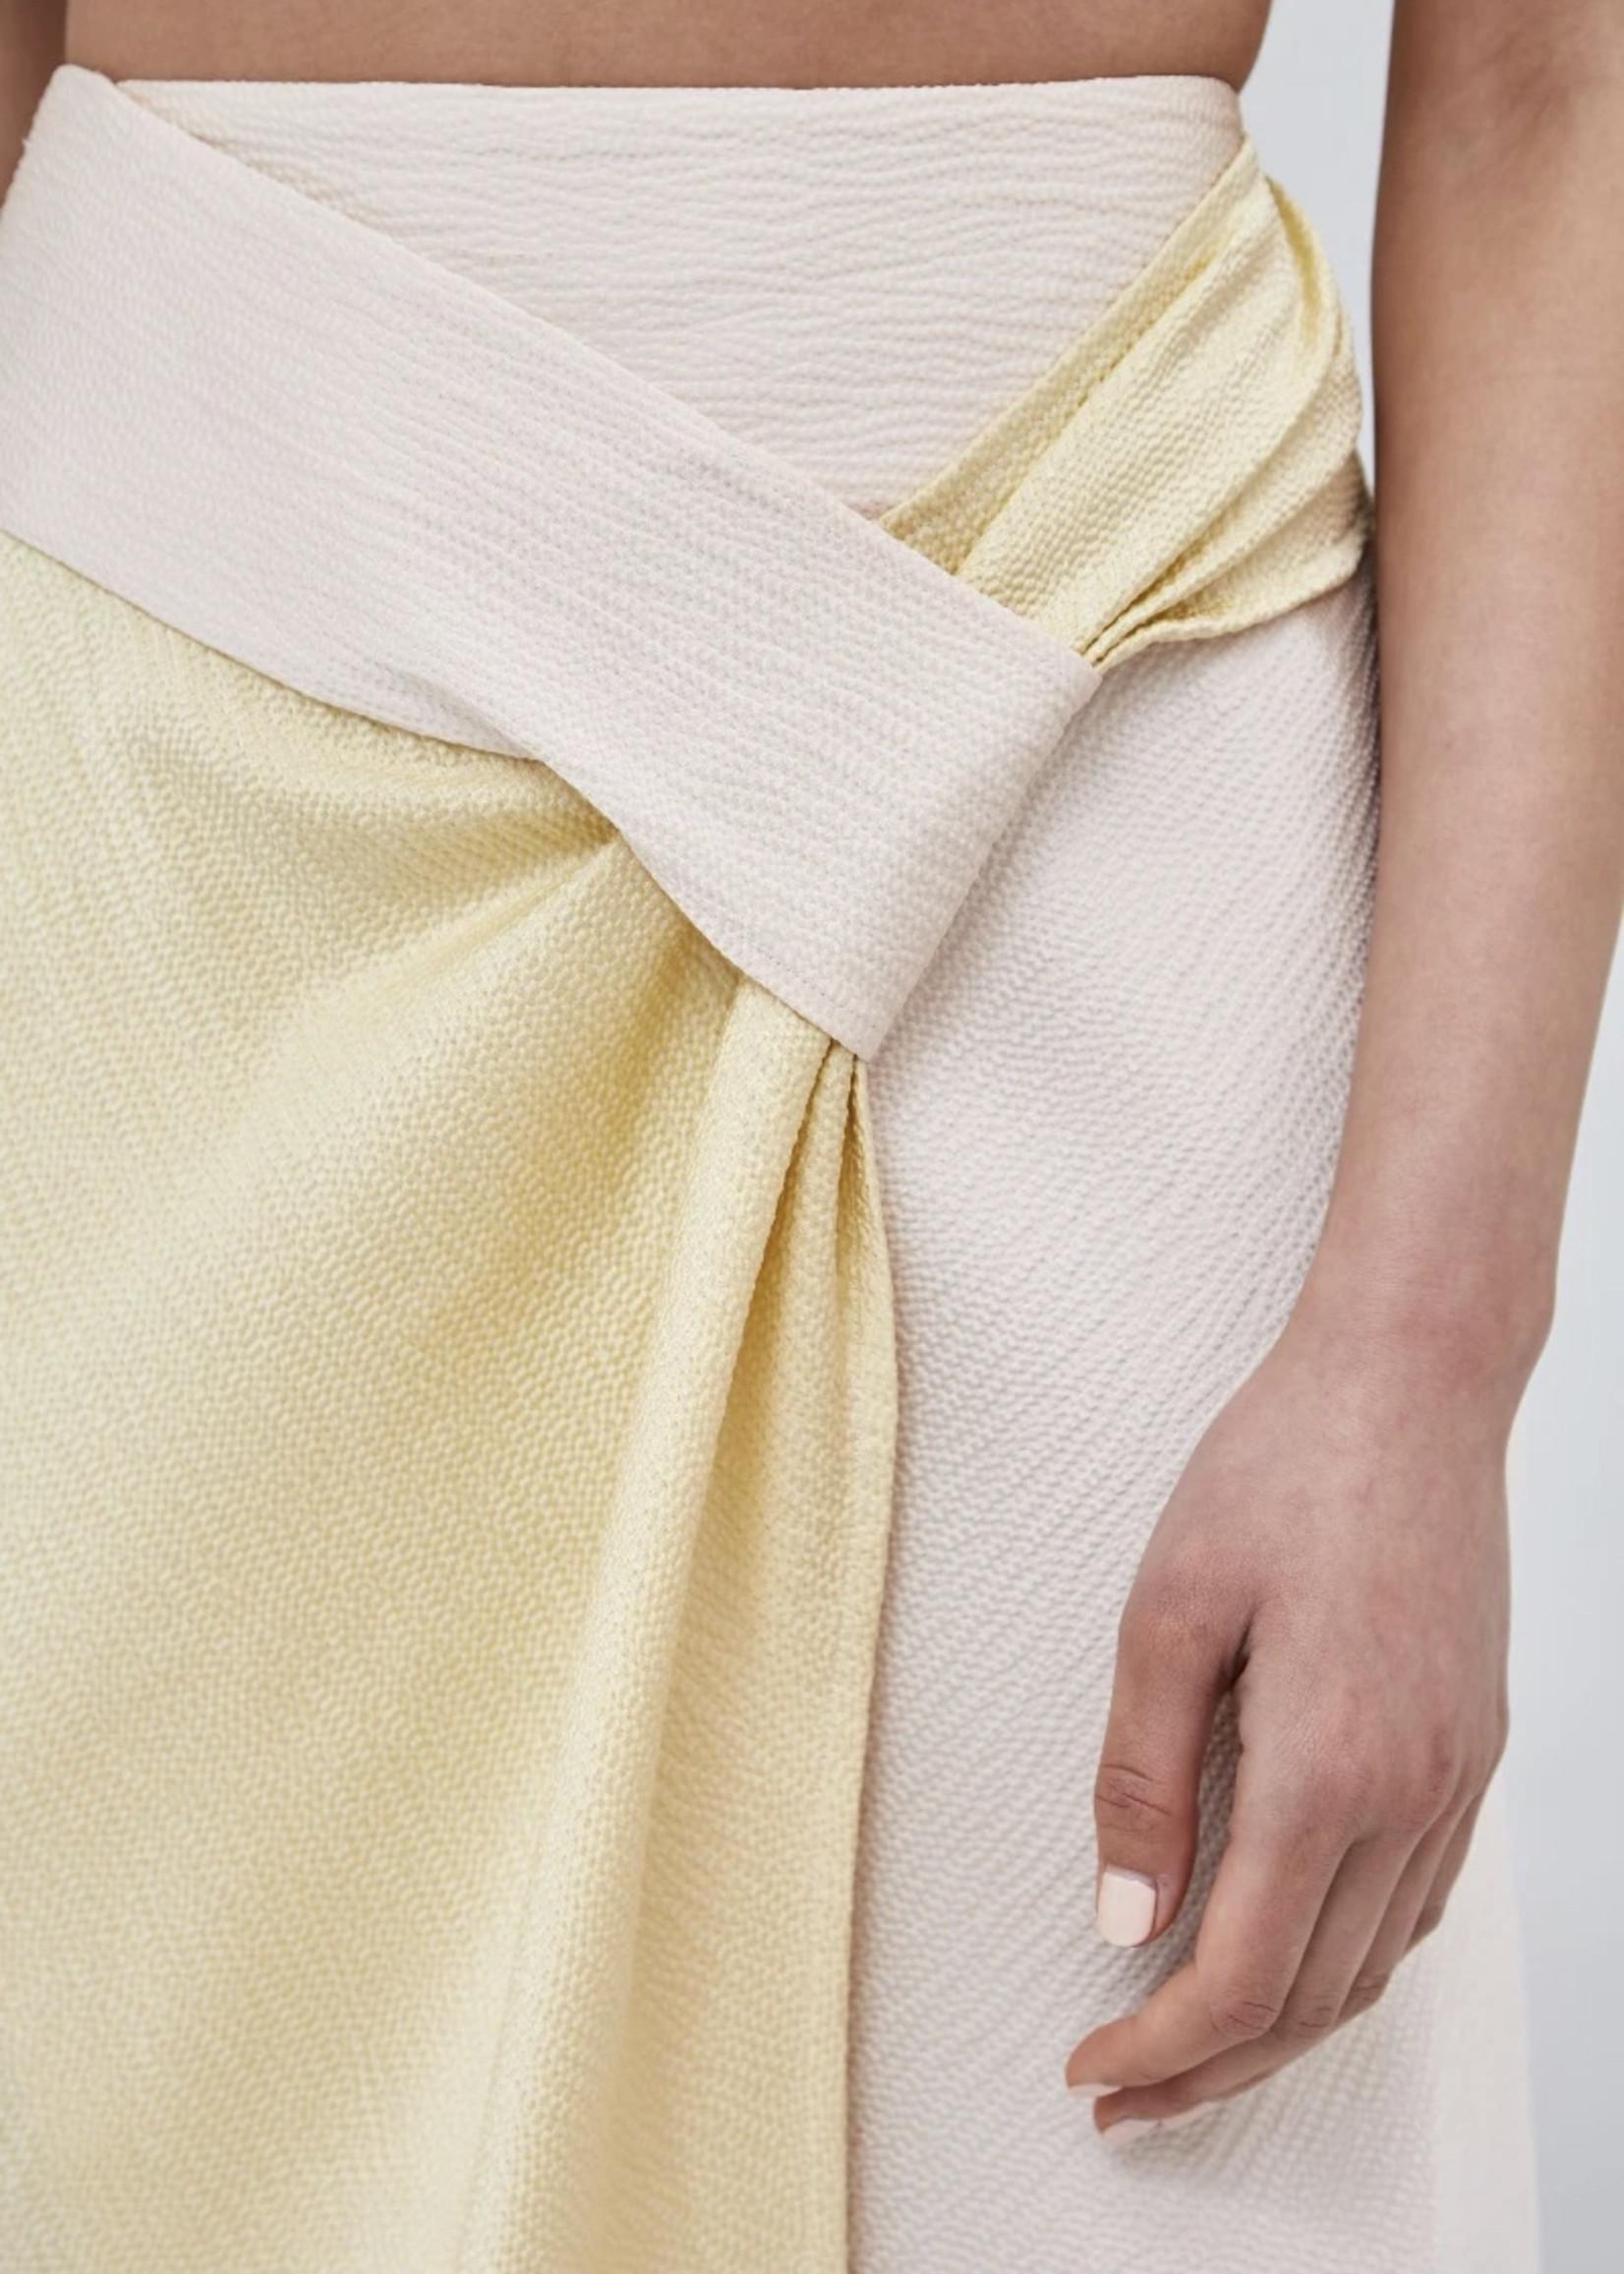 Elitaire Boutique Opposite Sides Ecru  Skirt w/ Limoncello